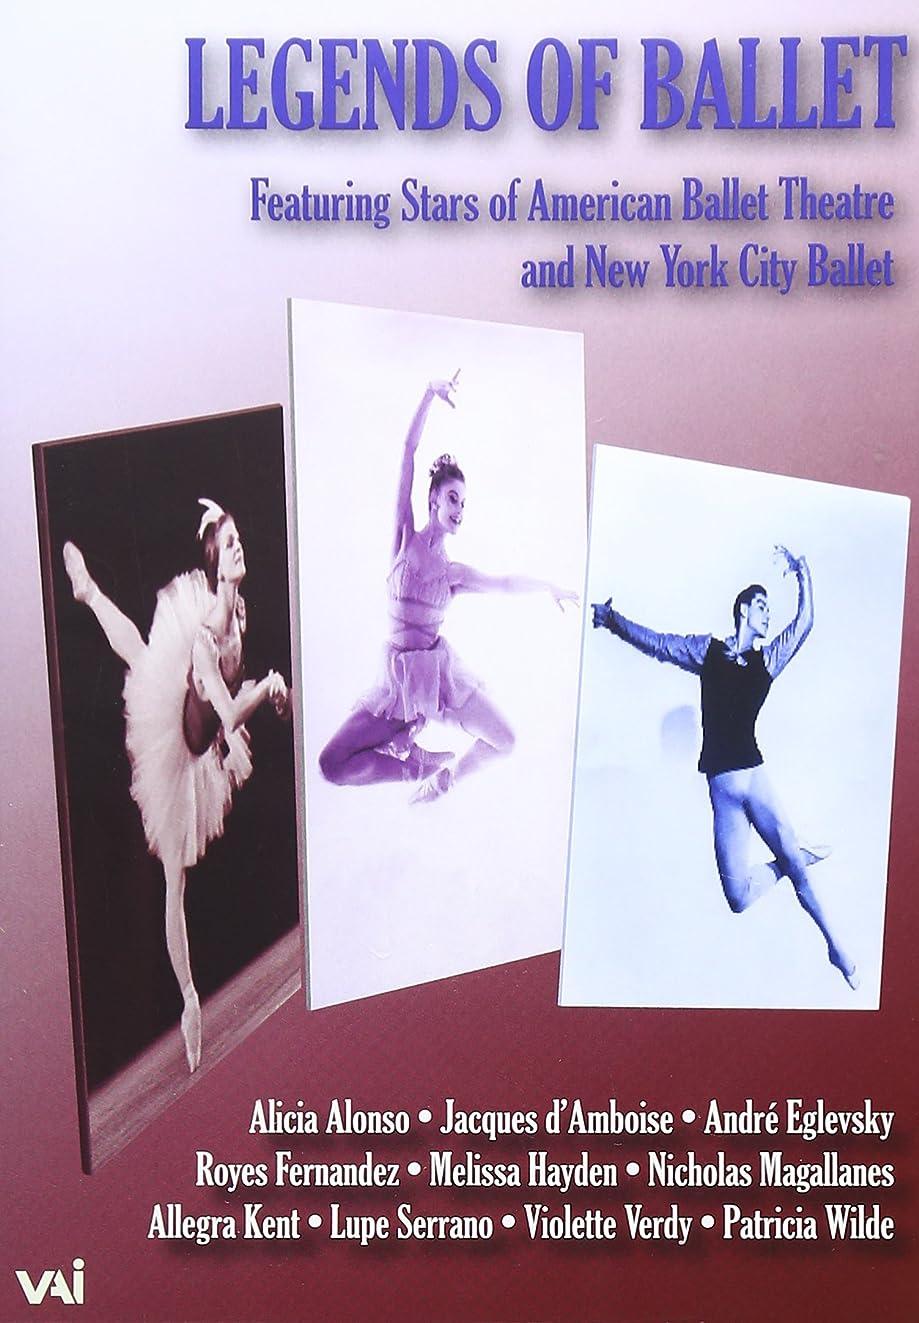 超えて協力的第四バレエの伝説~1960~65年のスターたち アメリカン?バレエ?シアター、ニューヨーク?シティ?バレエ